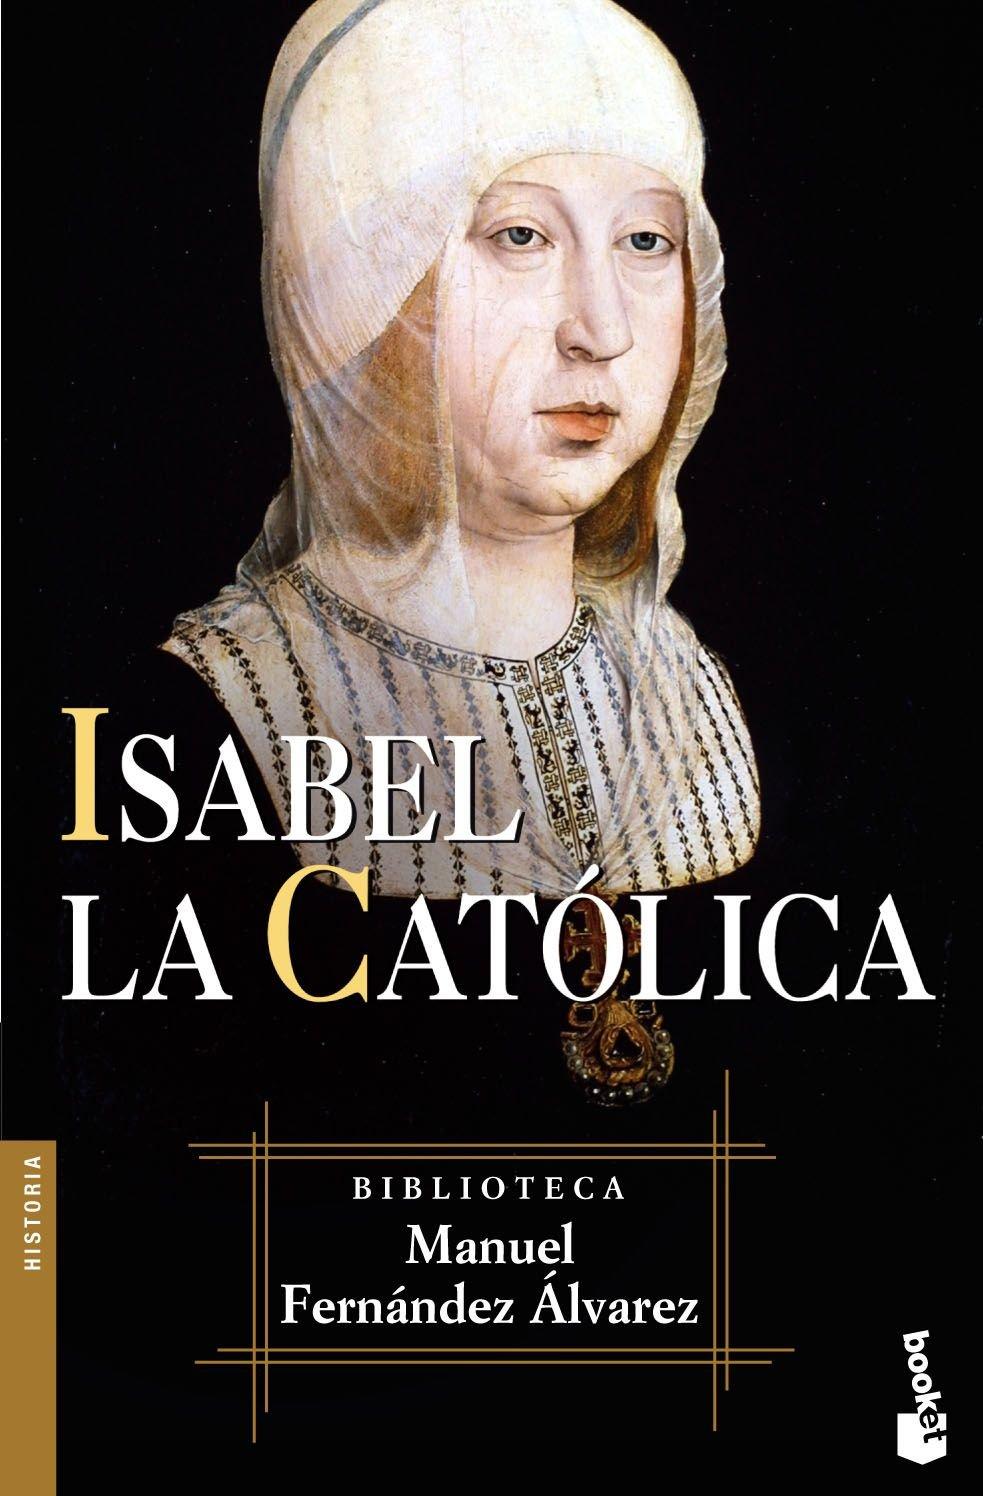 Isabel la Católica Biblioteca Manuel Fernández Álvarez: Amazon.es: Fernández Álvarez, Manuel: Libros